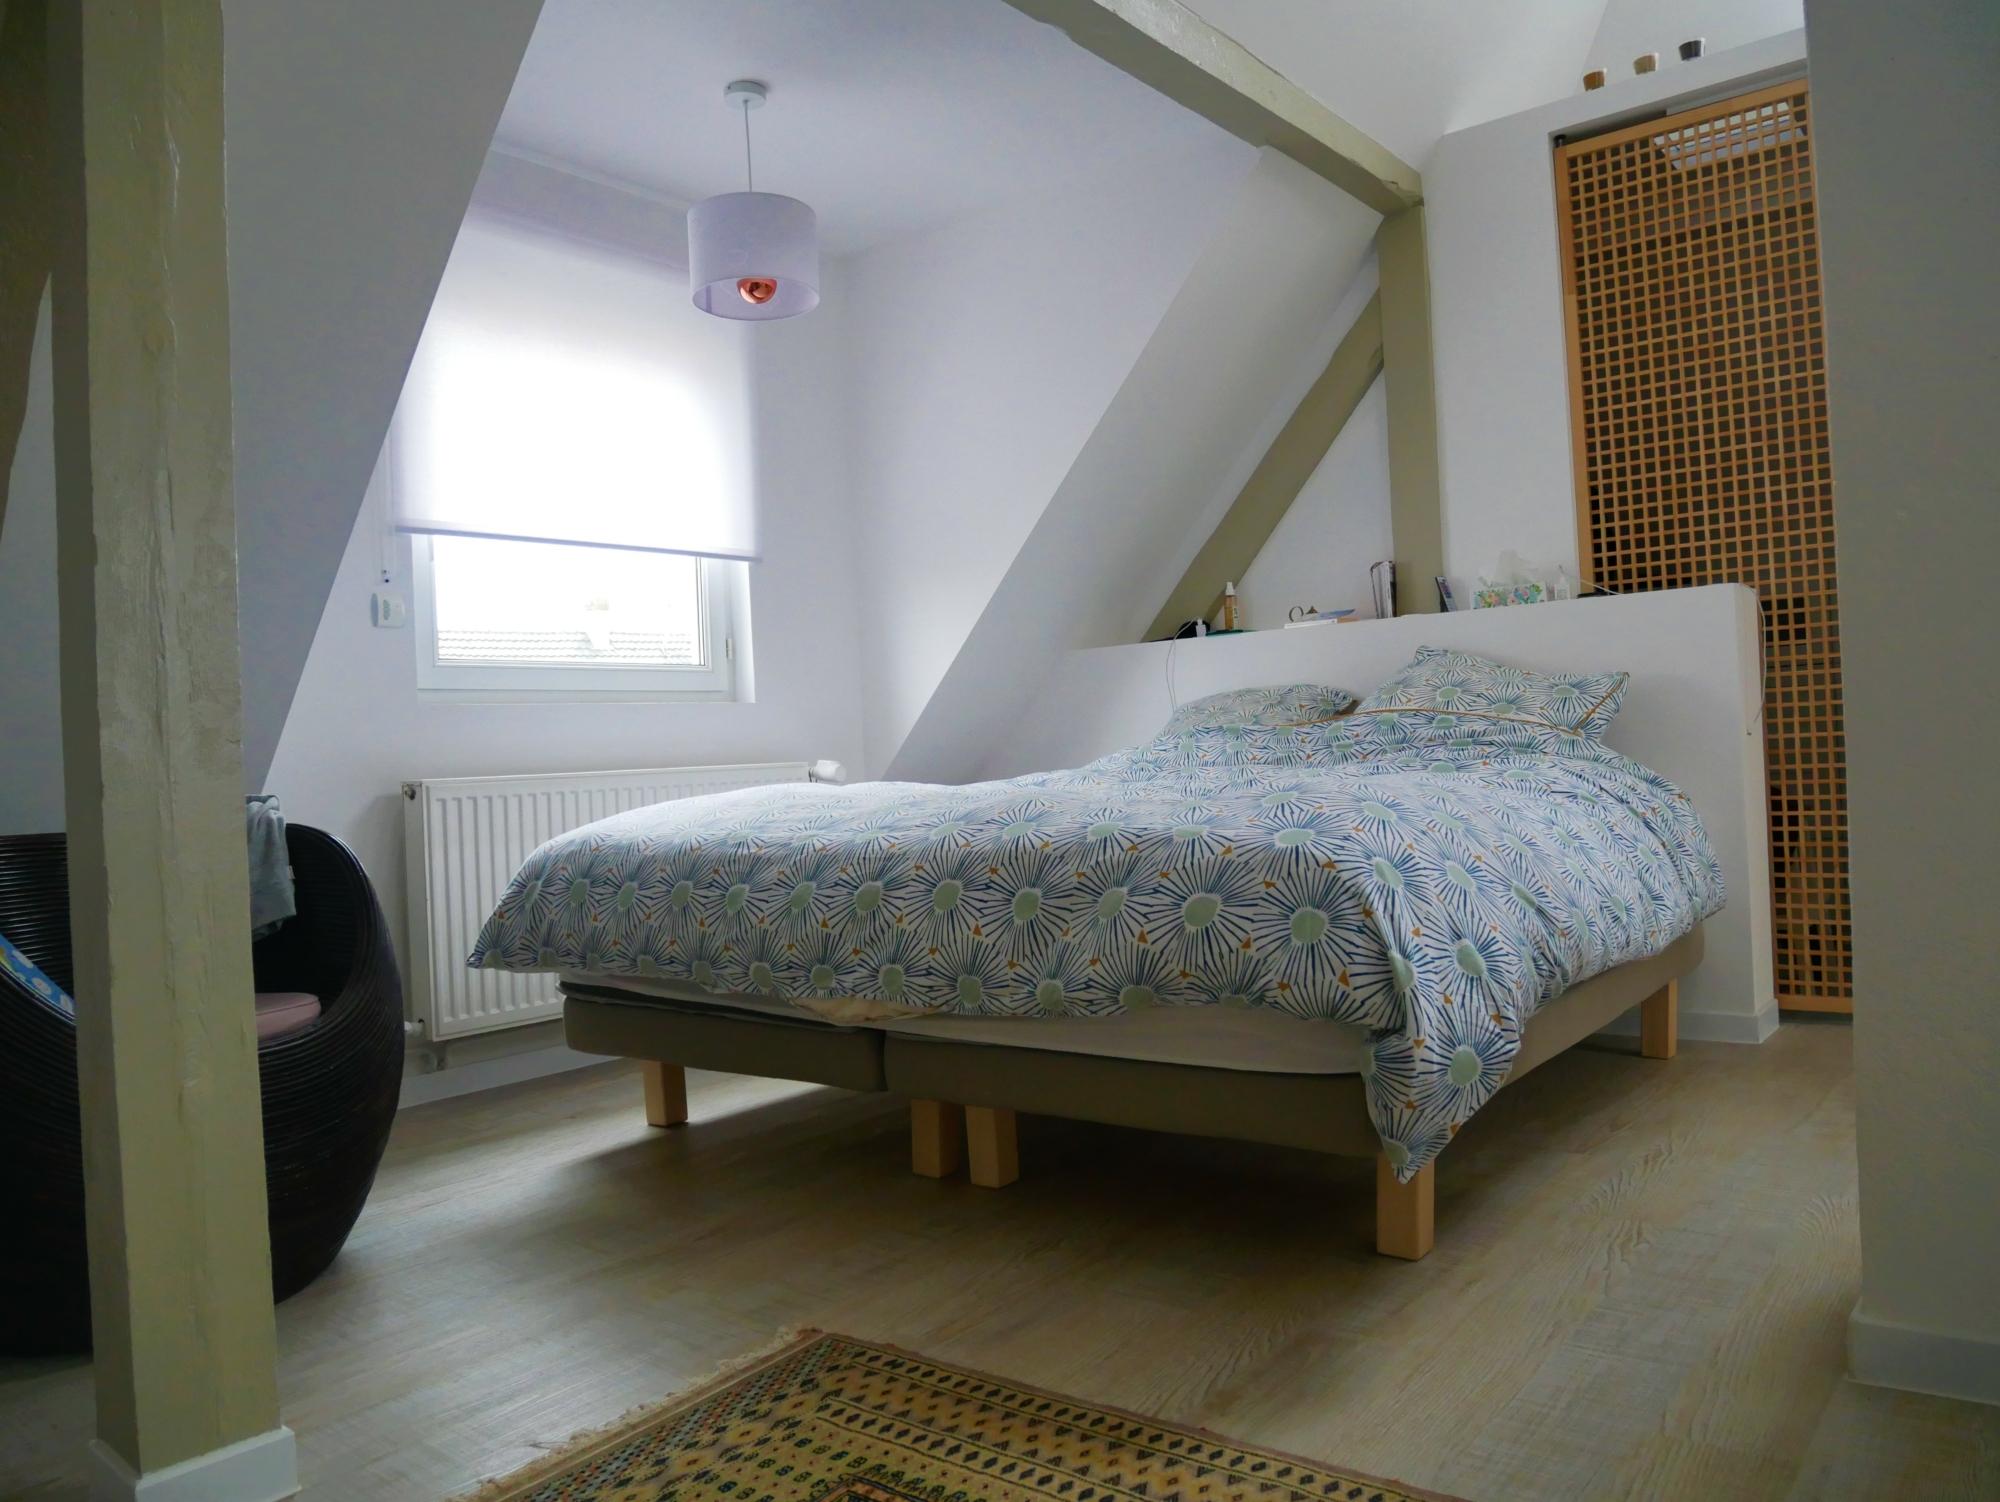 [Pool] Maison 6 pièces meublée avec piscine et jardin / Illkirch - Route de Lyon - nos locations - Beausite Immobilier 8